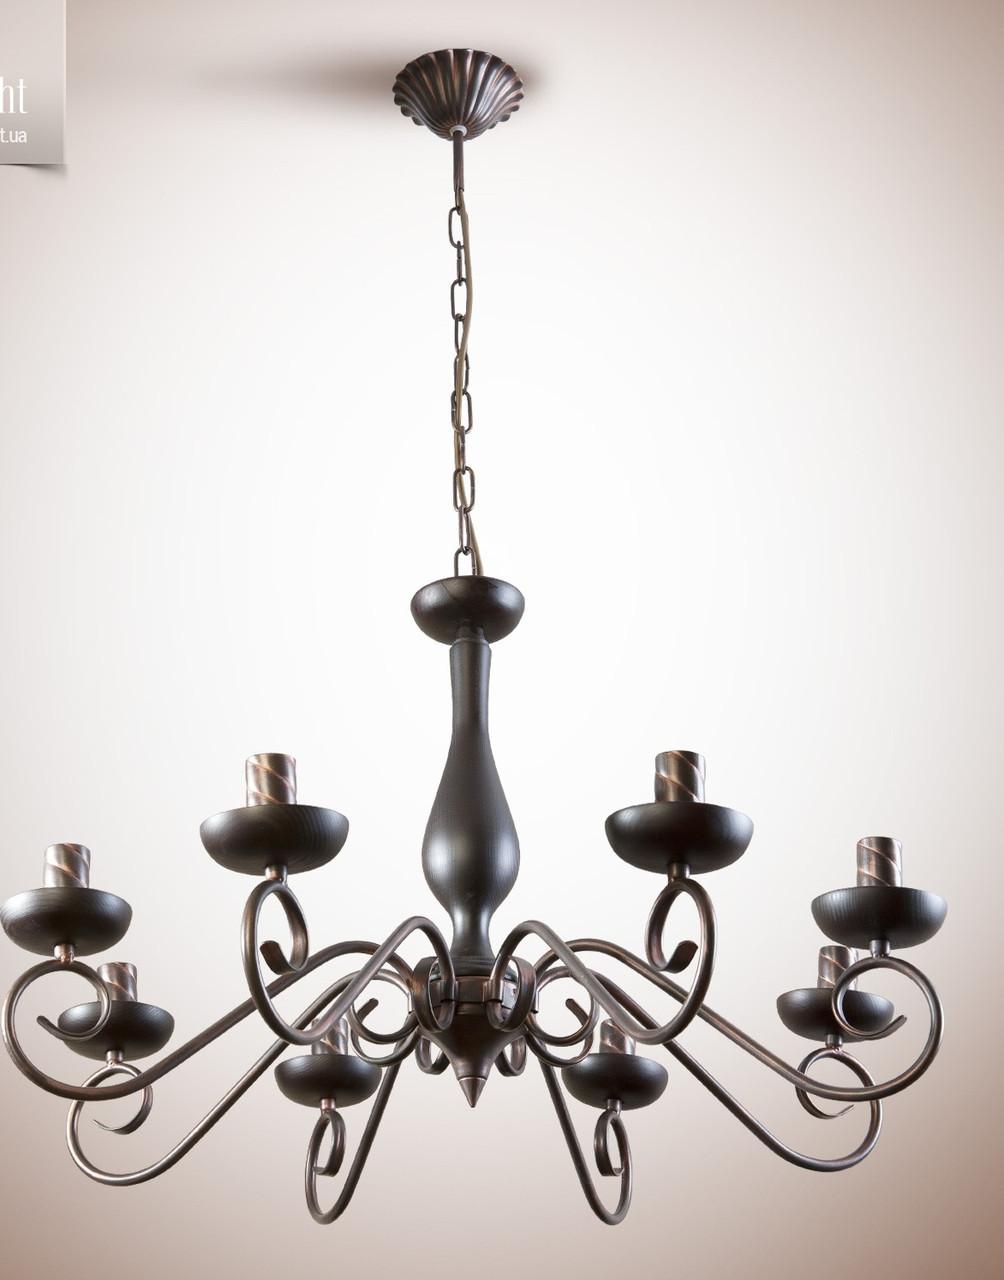 Люстра для большой комнаты, 8-ми ламповая, на цепи  19308